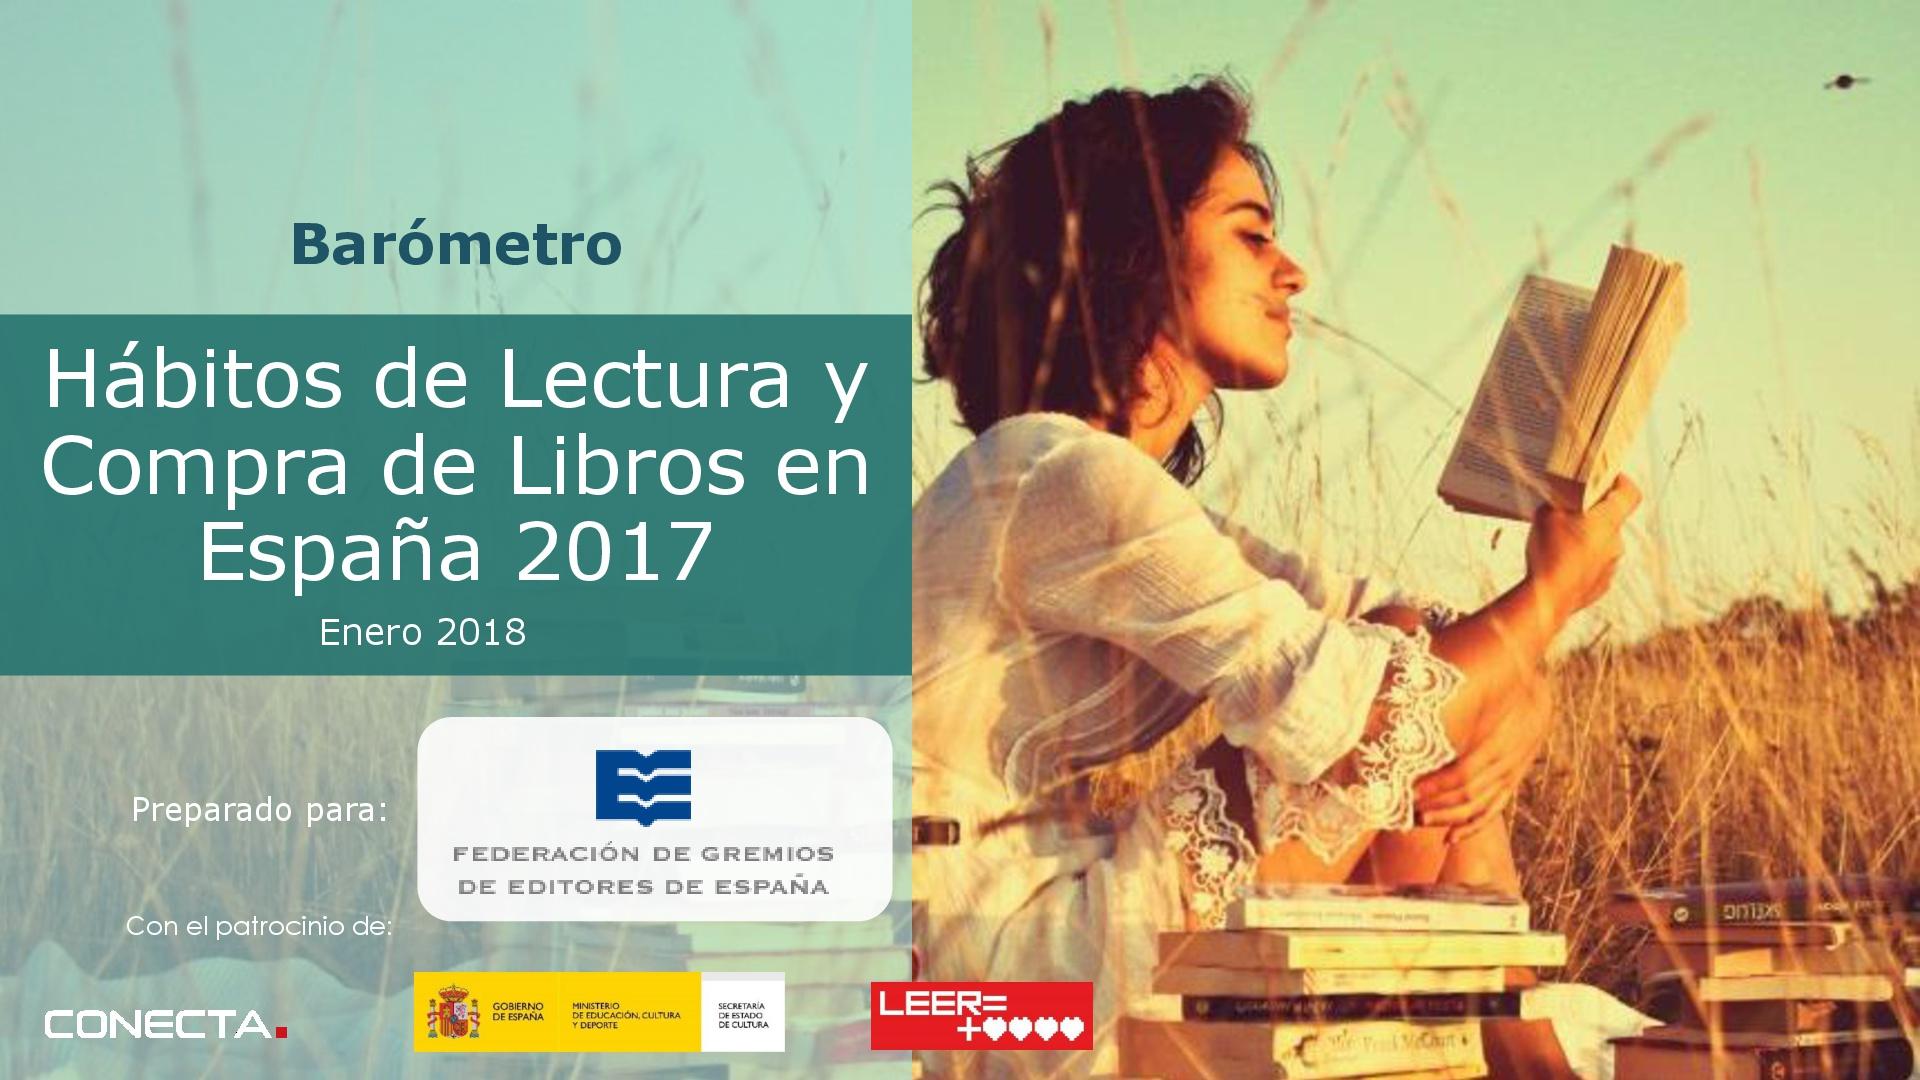 Hábitos de lectura y compra de libros en España 2017